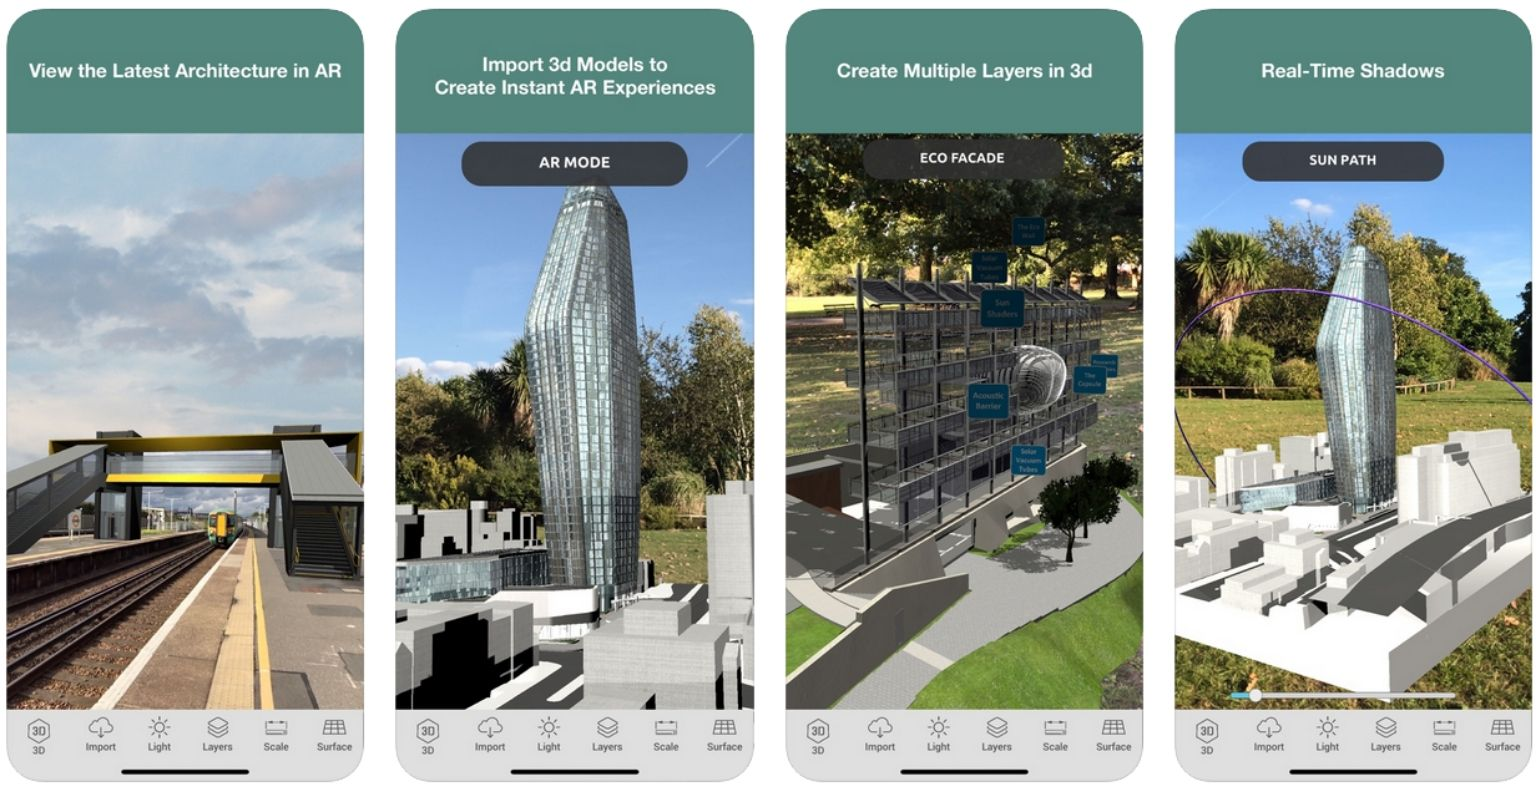 بهترین برنامه ها برای معماران - تصویر صفحه ARki | وبلاگ ArchiSnapper